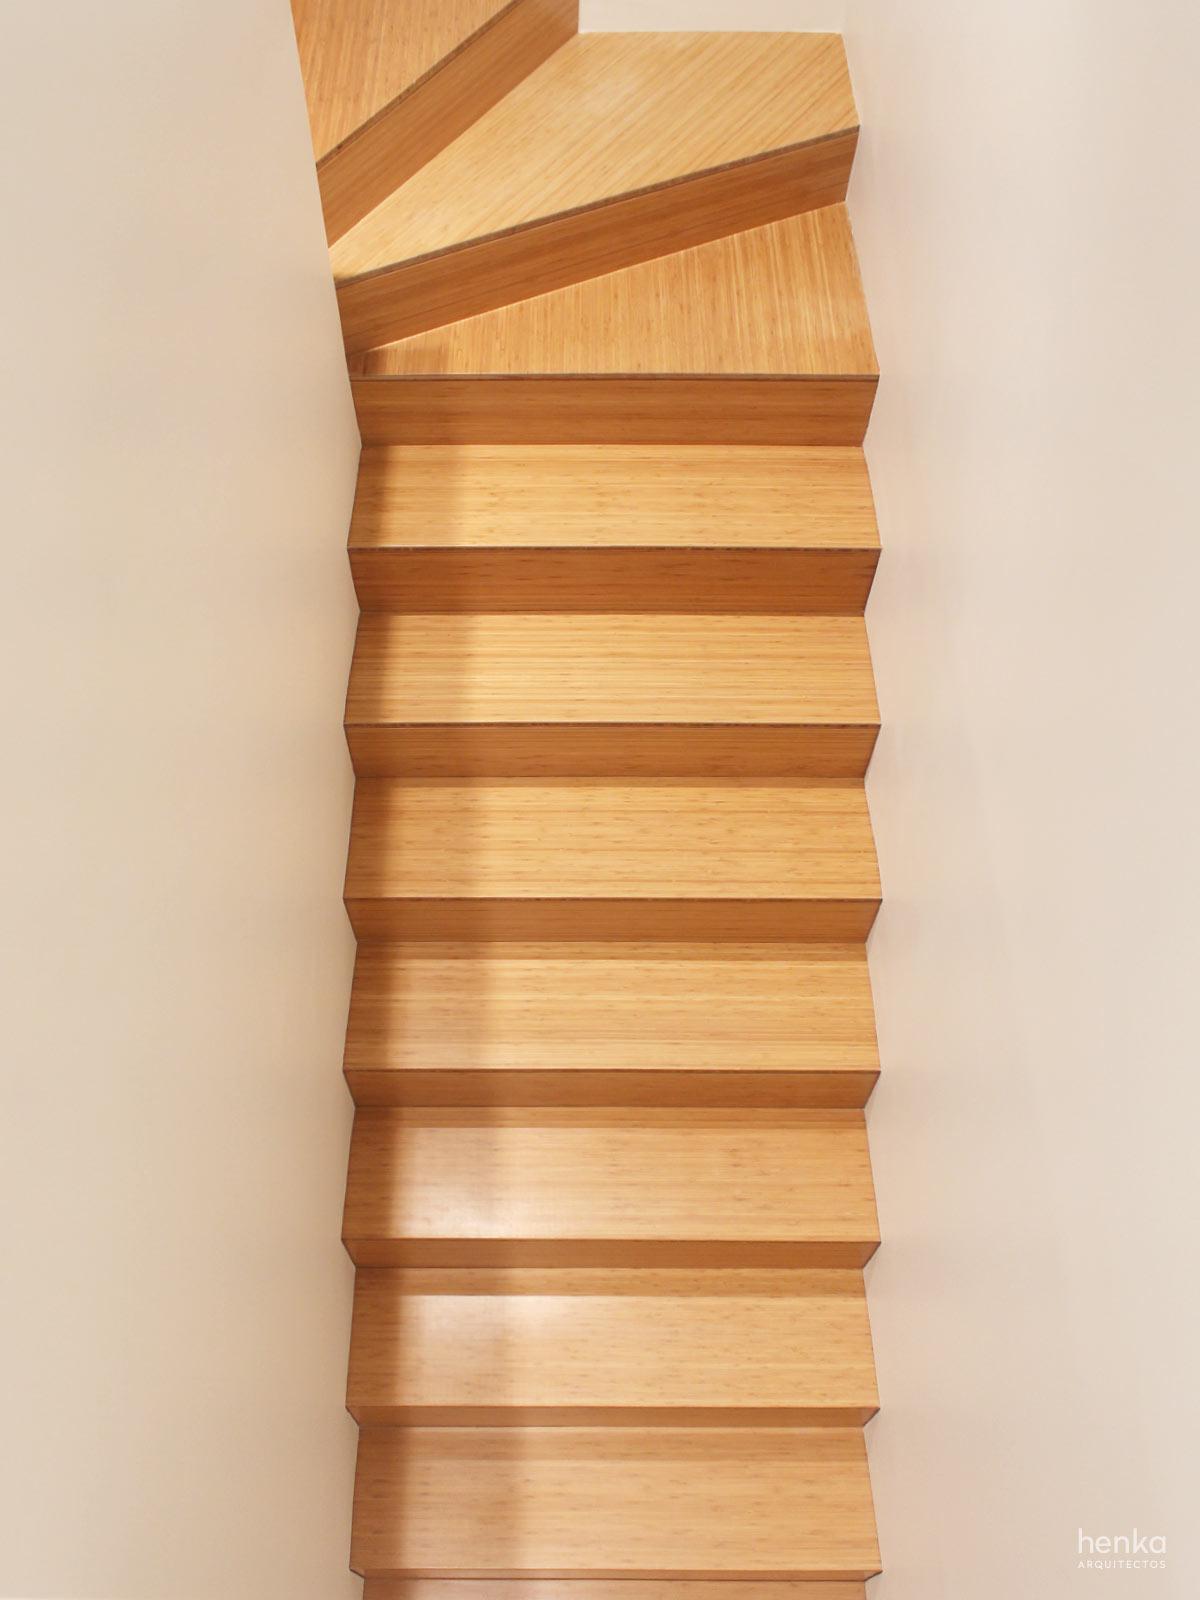 Escalera madera maciza bambú Reforma Adosado Giron Pinilla Zamora HenkaArquitectos